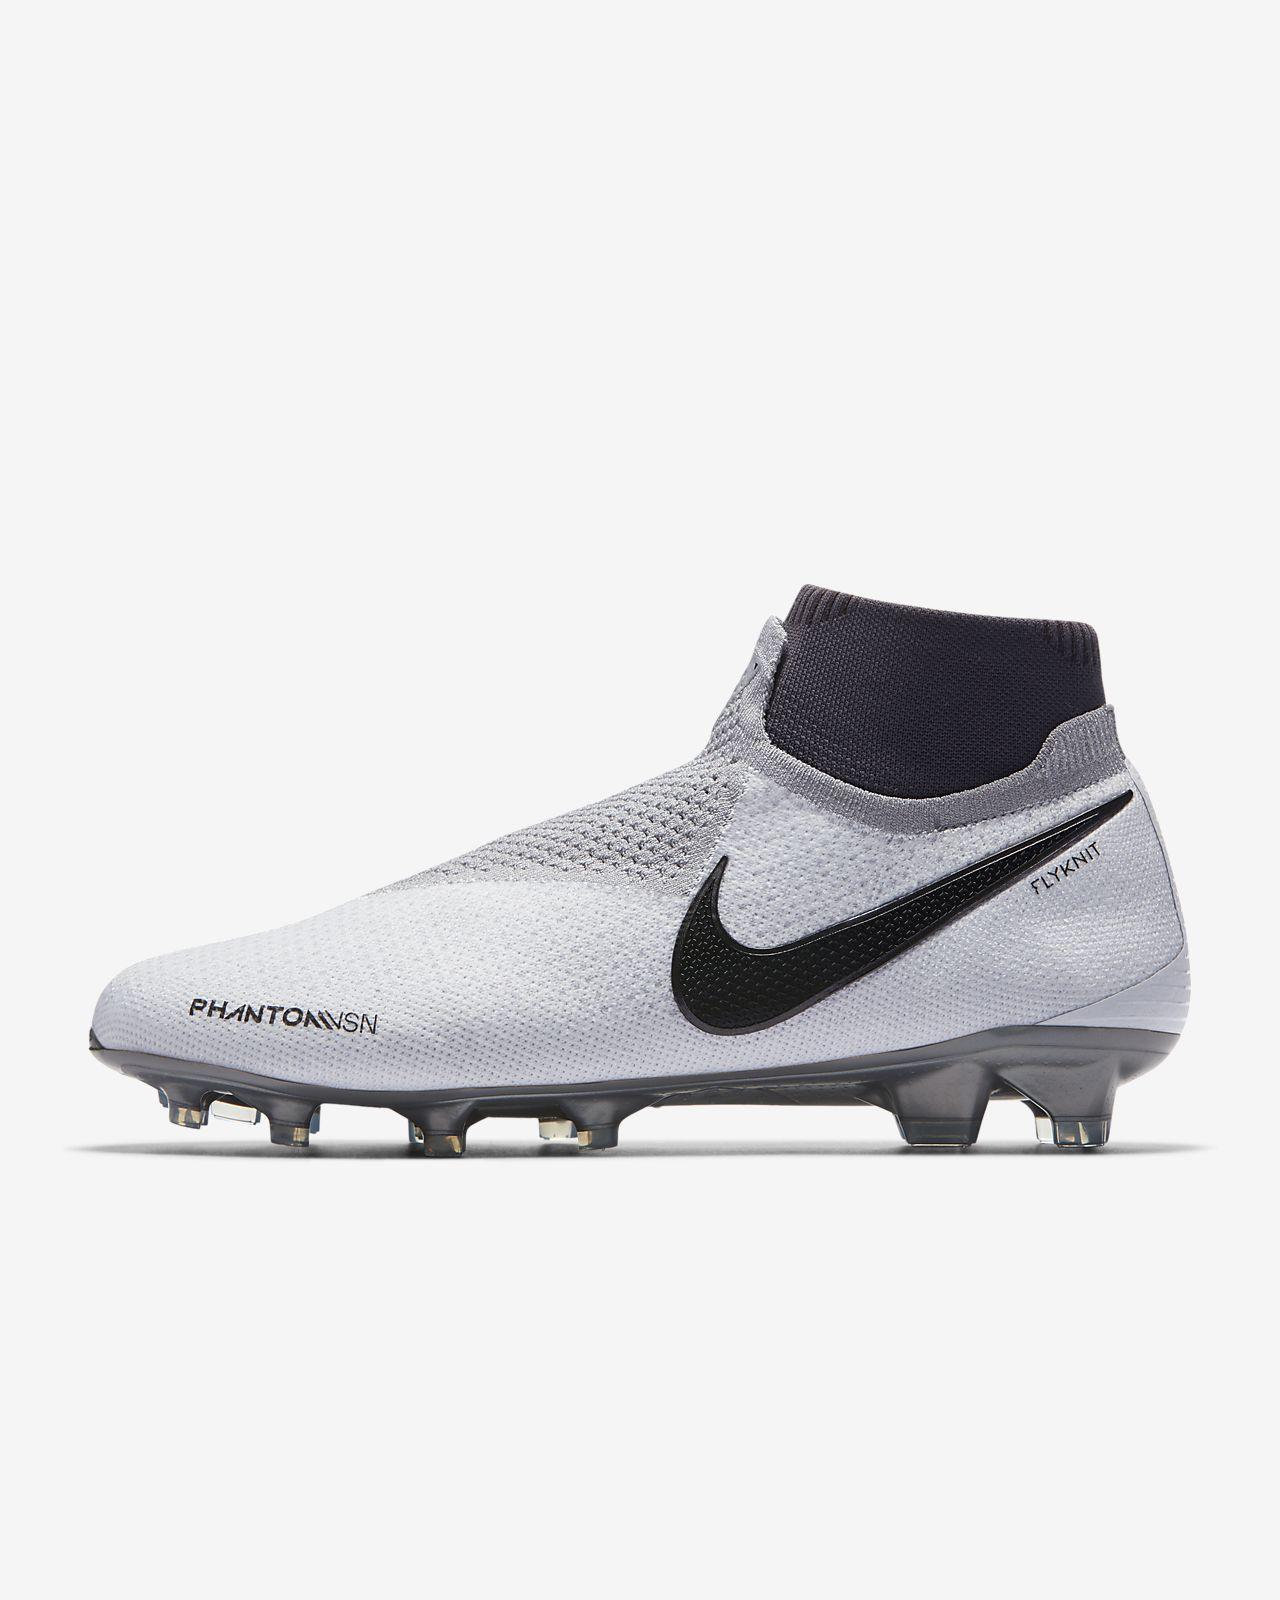 1c22cd3282115 ... academy df fg mg niño racer blue black soloporteros es ahora fútbol  emotion e6b82 22a43  spain calzado de fútbol para terreno firme nike  phantom vision ...